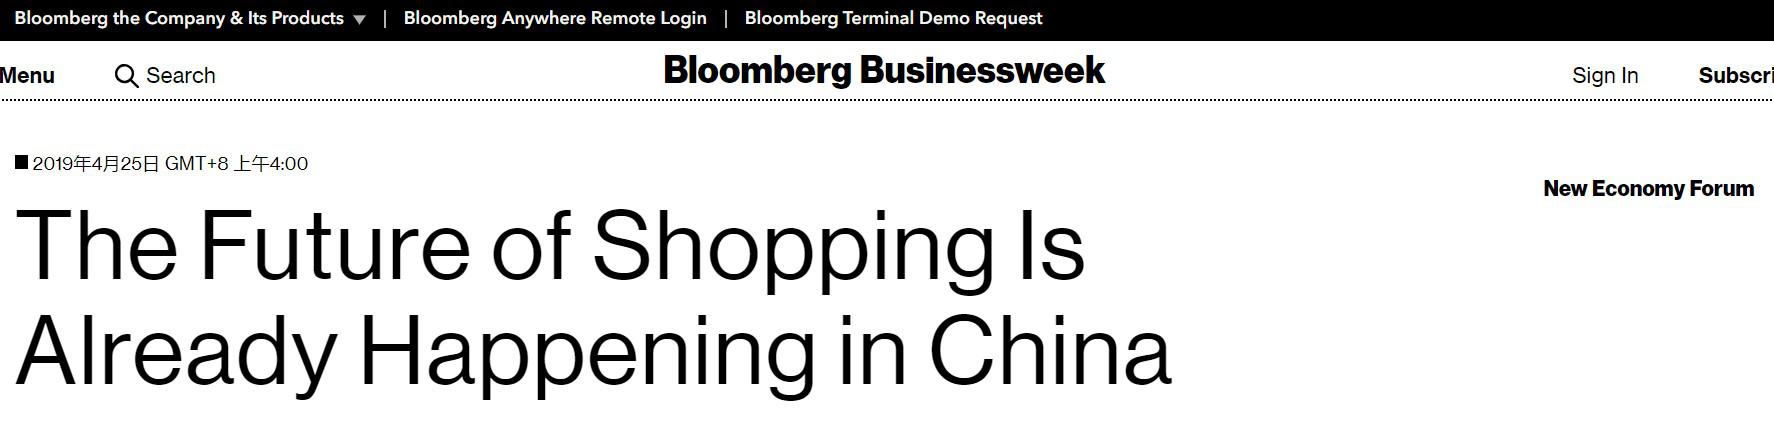 彭博关注中国年轻人消费:淘宝二次元创造巨大商业机会